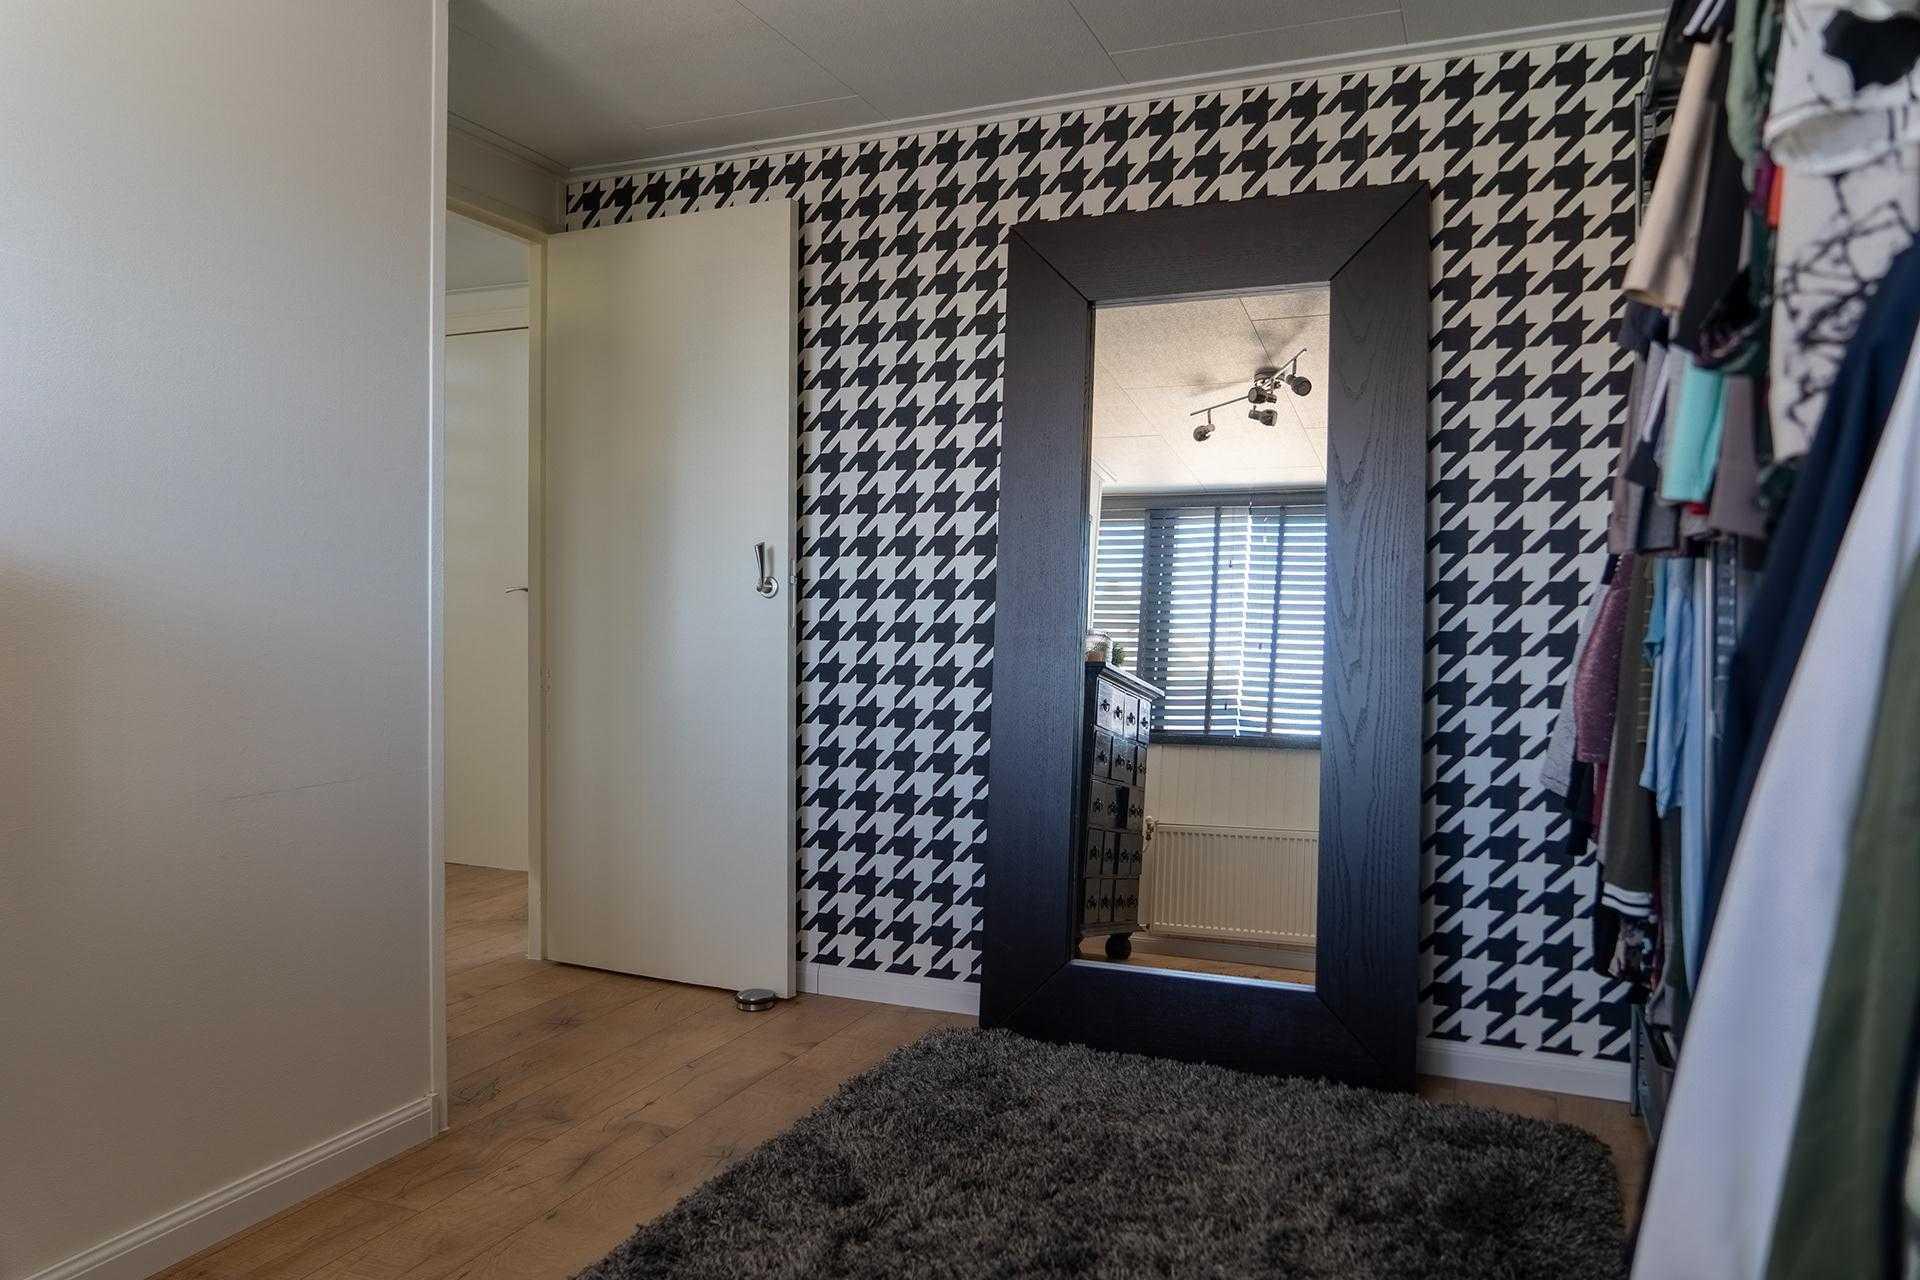 Slaapkamer foto voor verkoop huis op funda